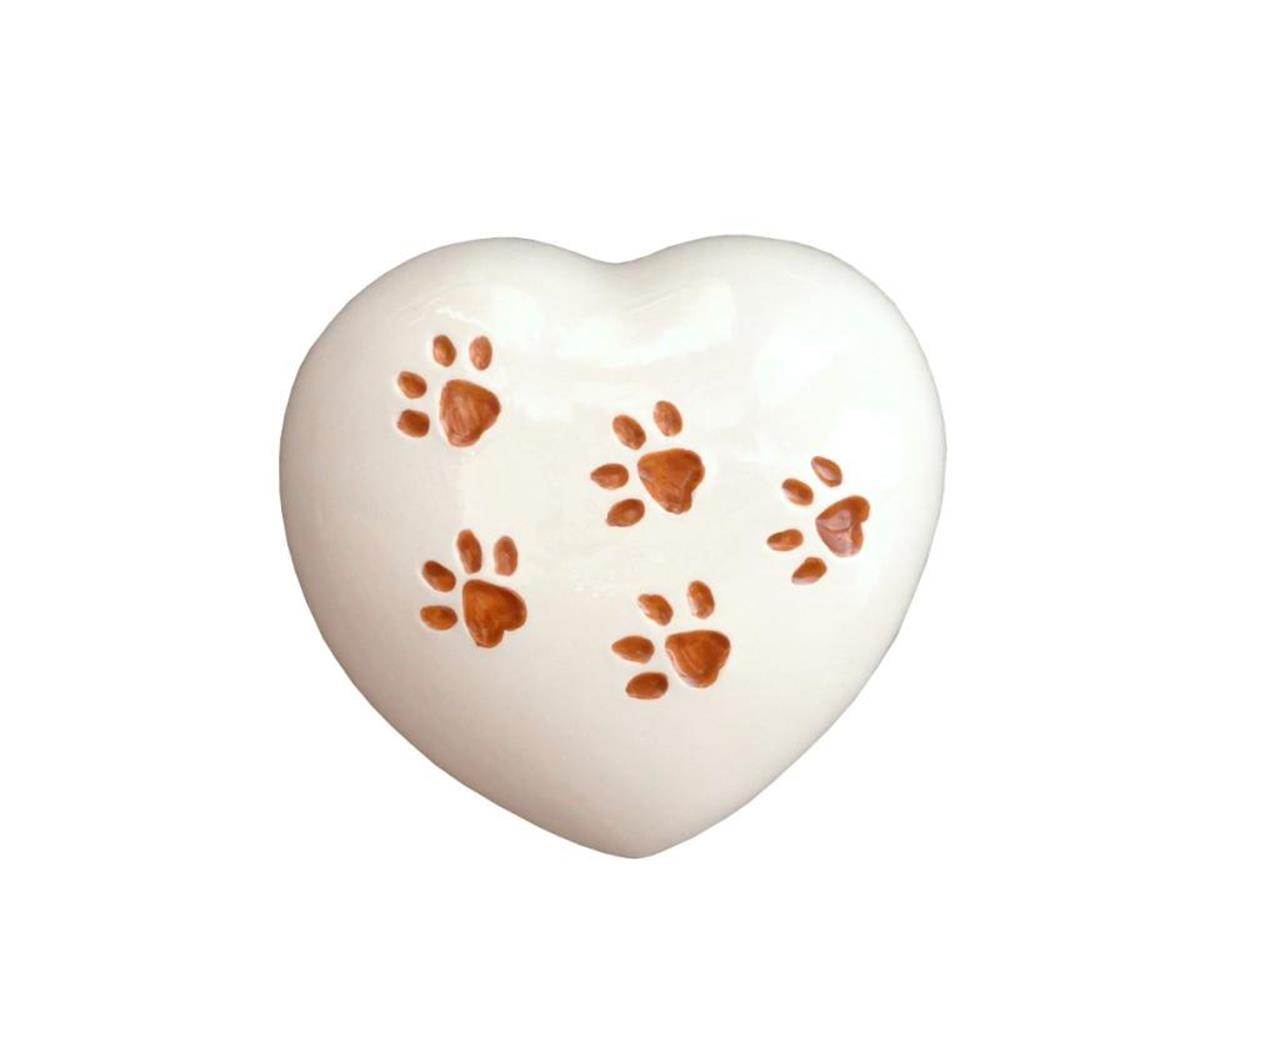 Urna cuore animali - Bertoncello Graziano